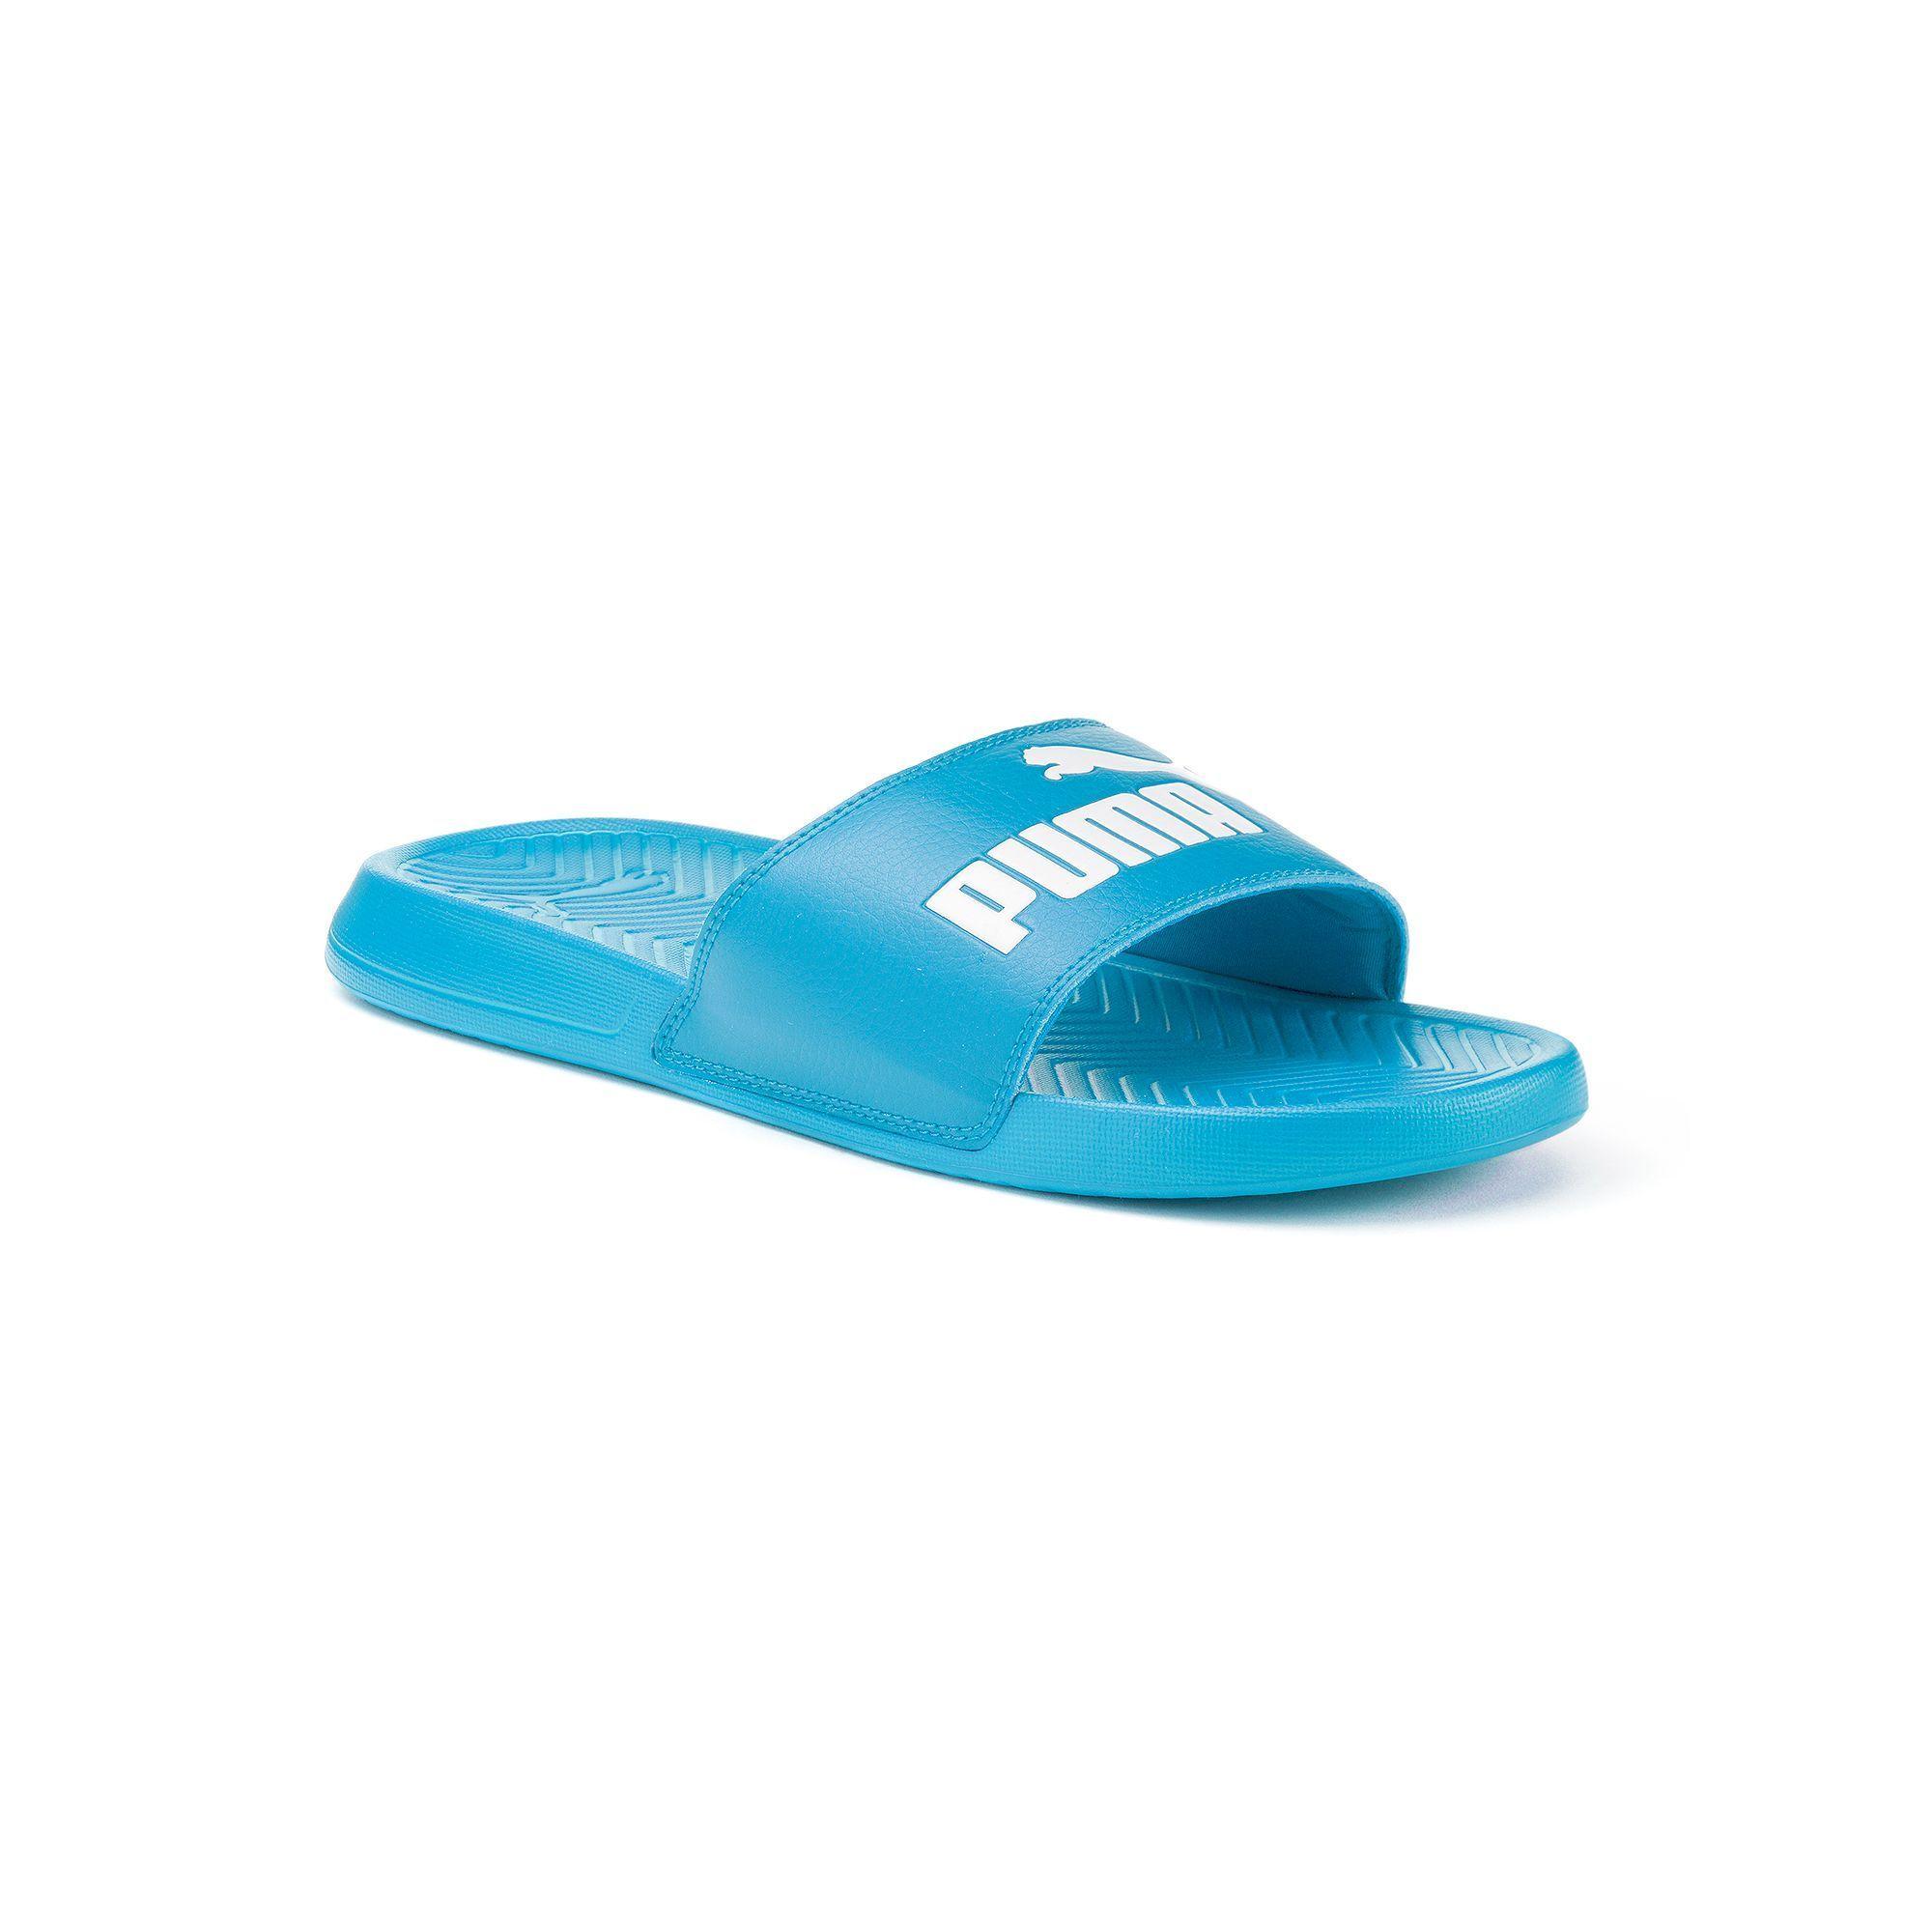 053d23f5b5ffbb PUMA Popcat Men s Slide Sandals